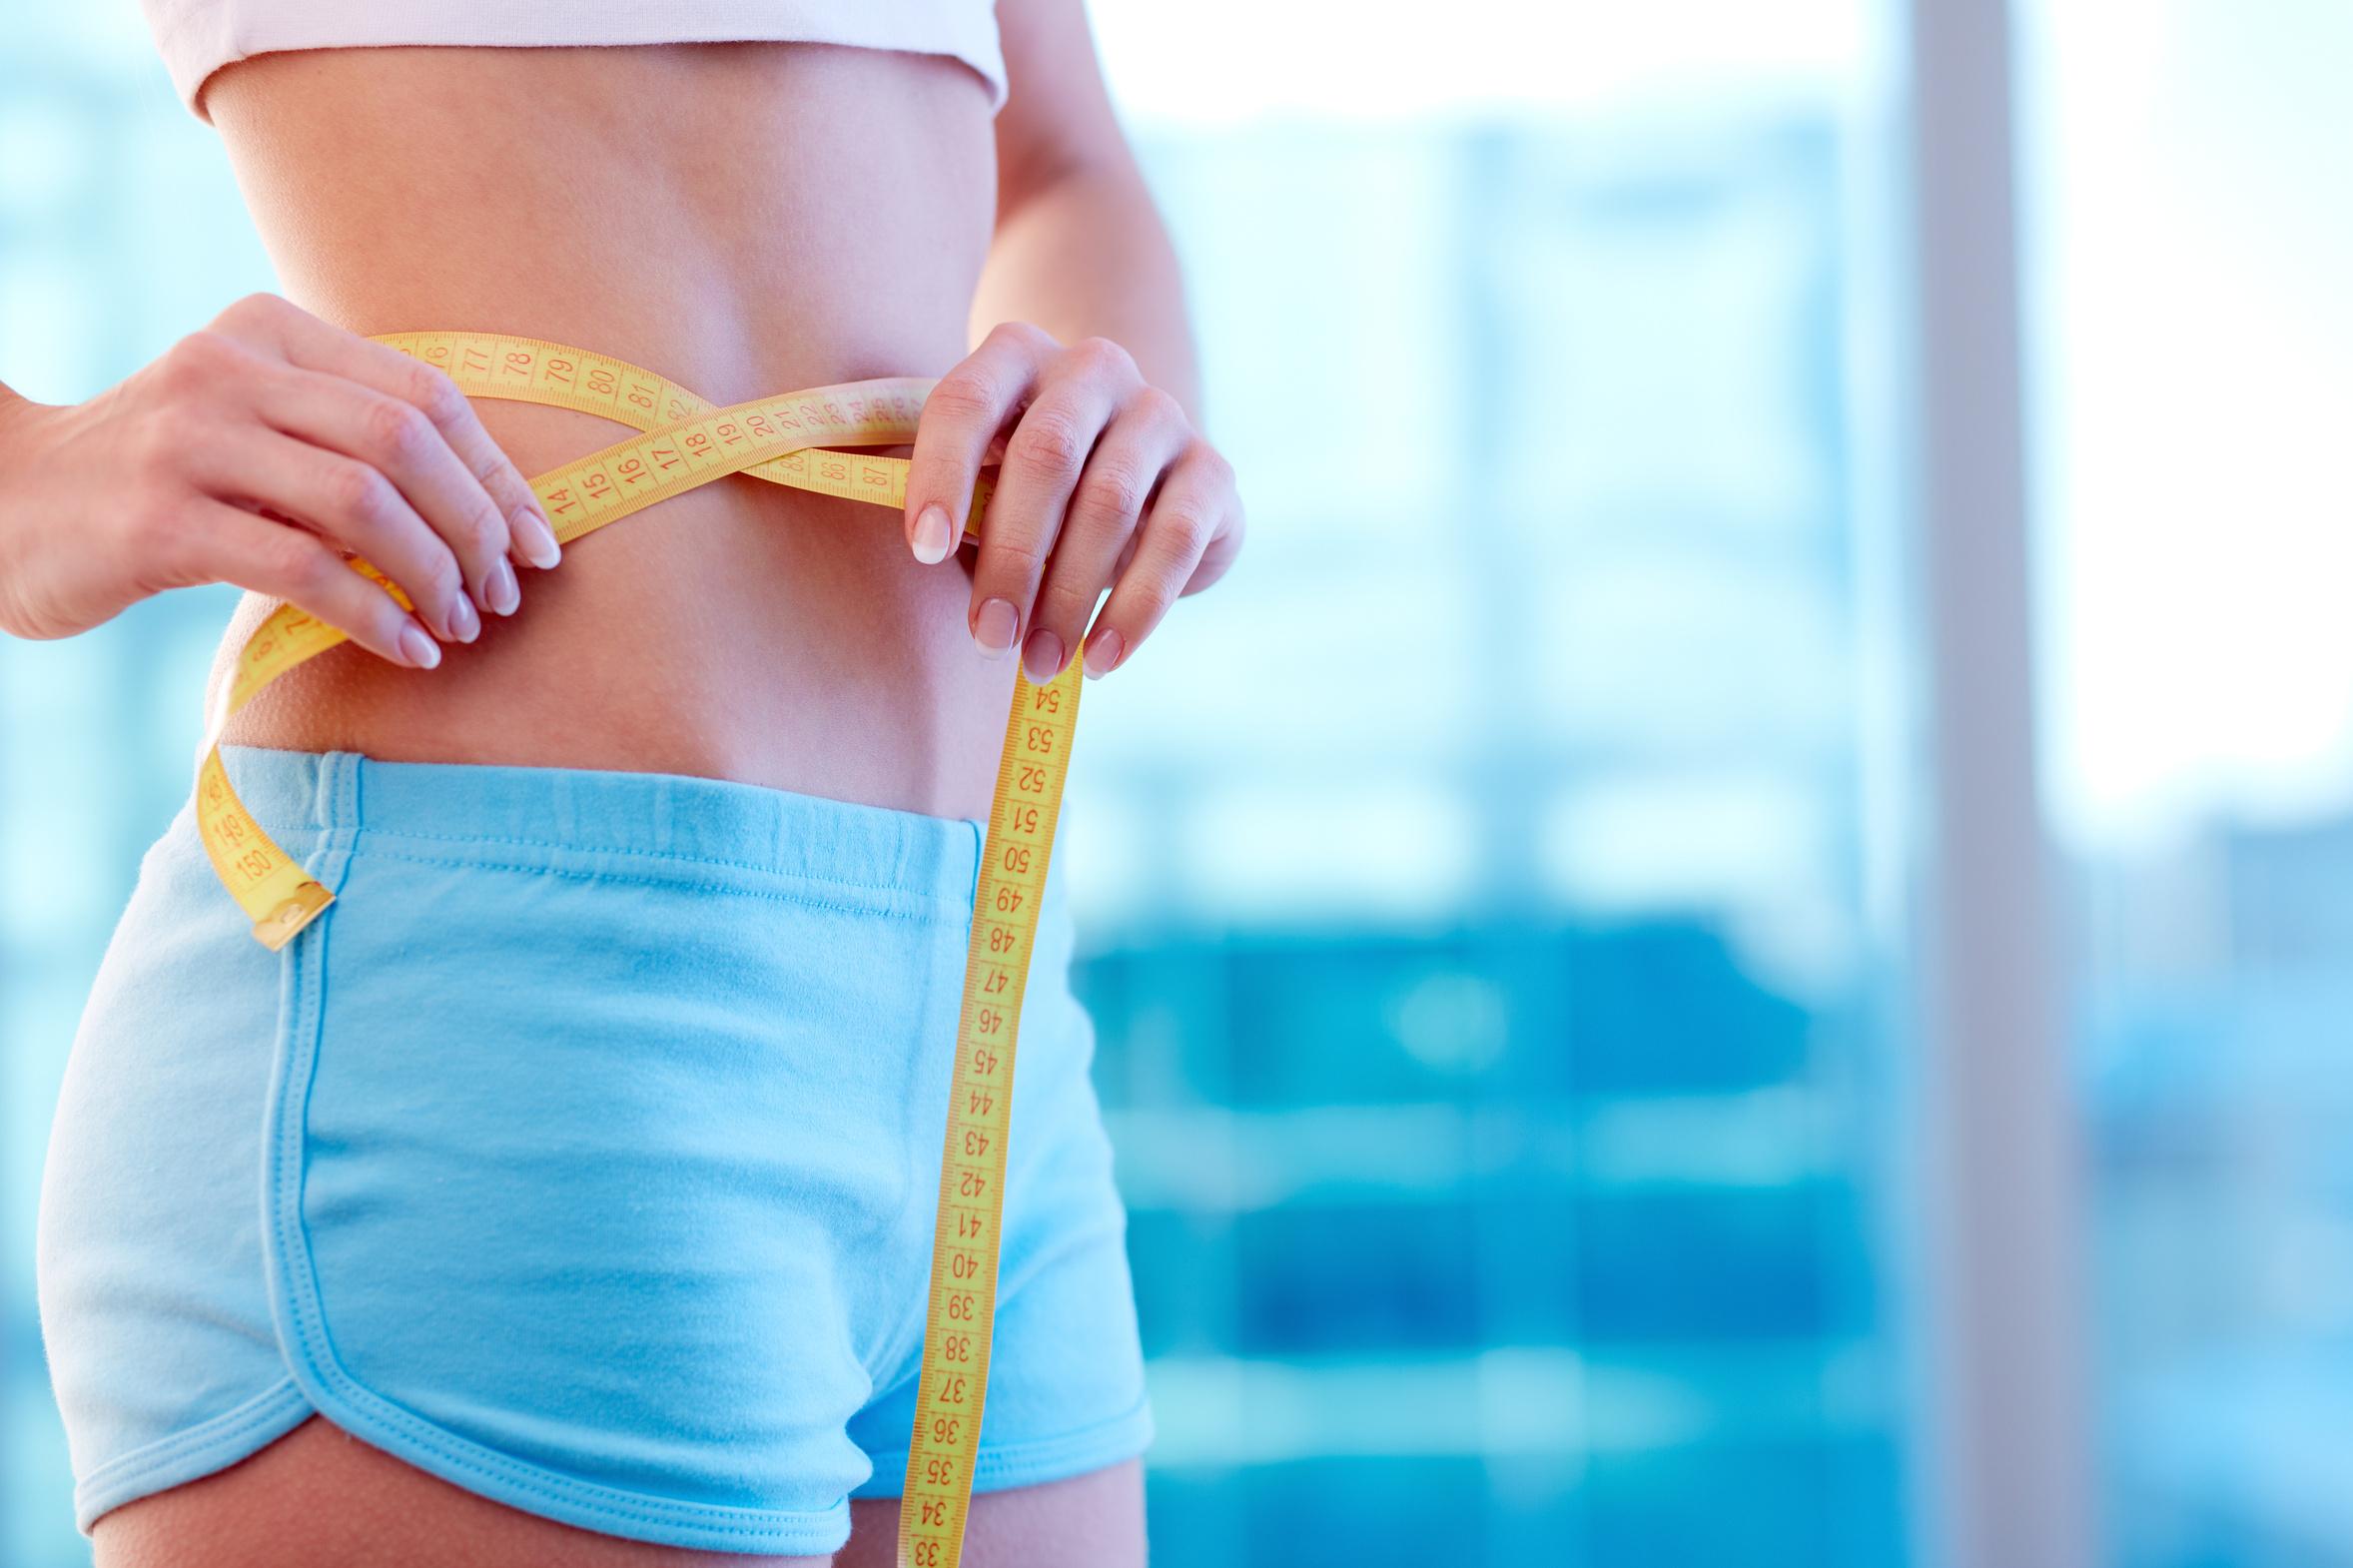 lpg zsírégetés Hogyan távolítsuk el a zsírlerakókat természetesen